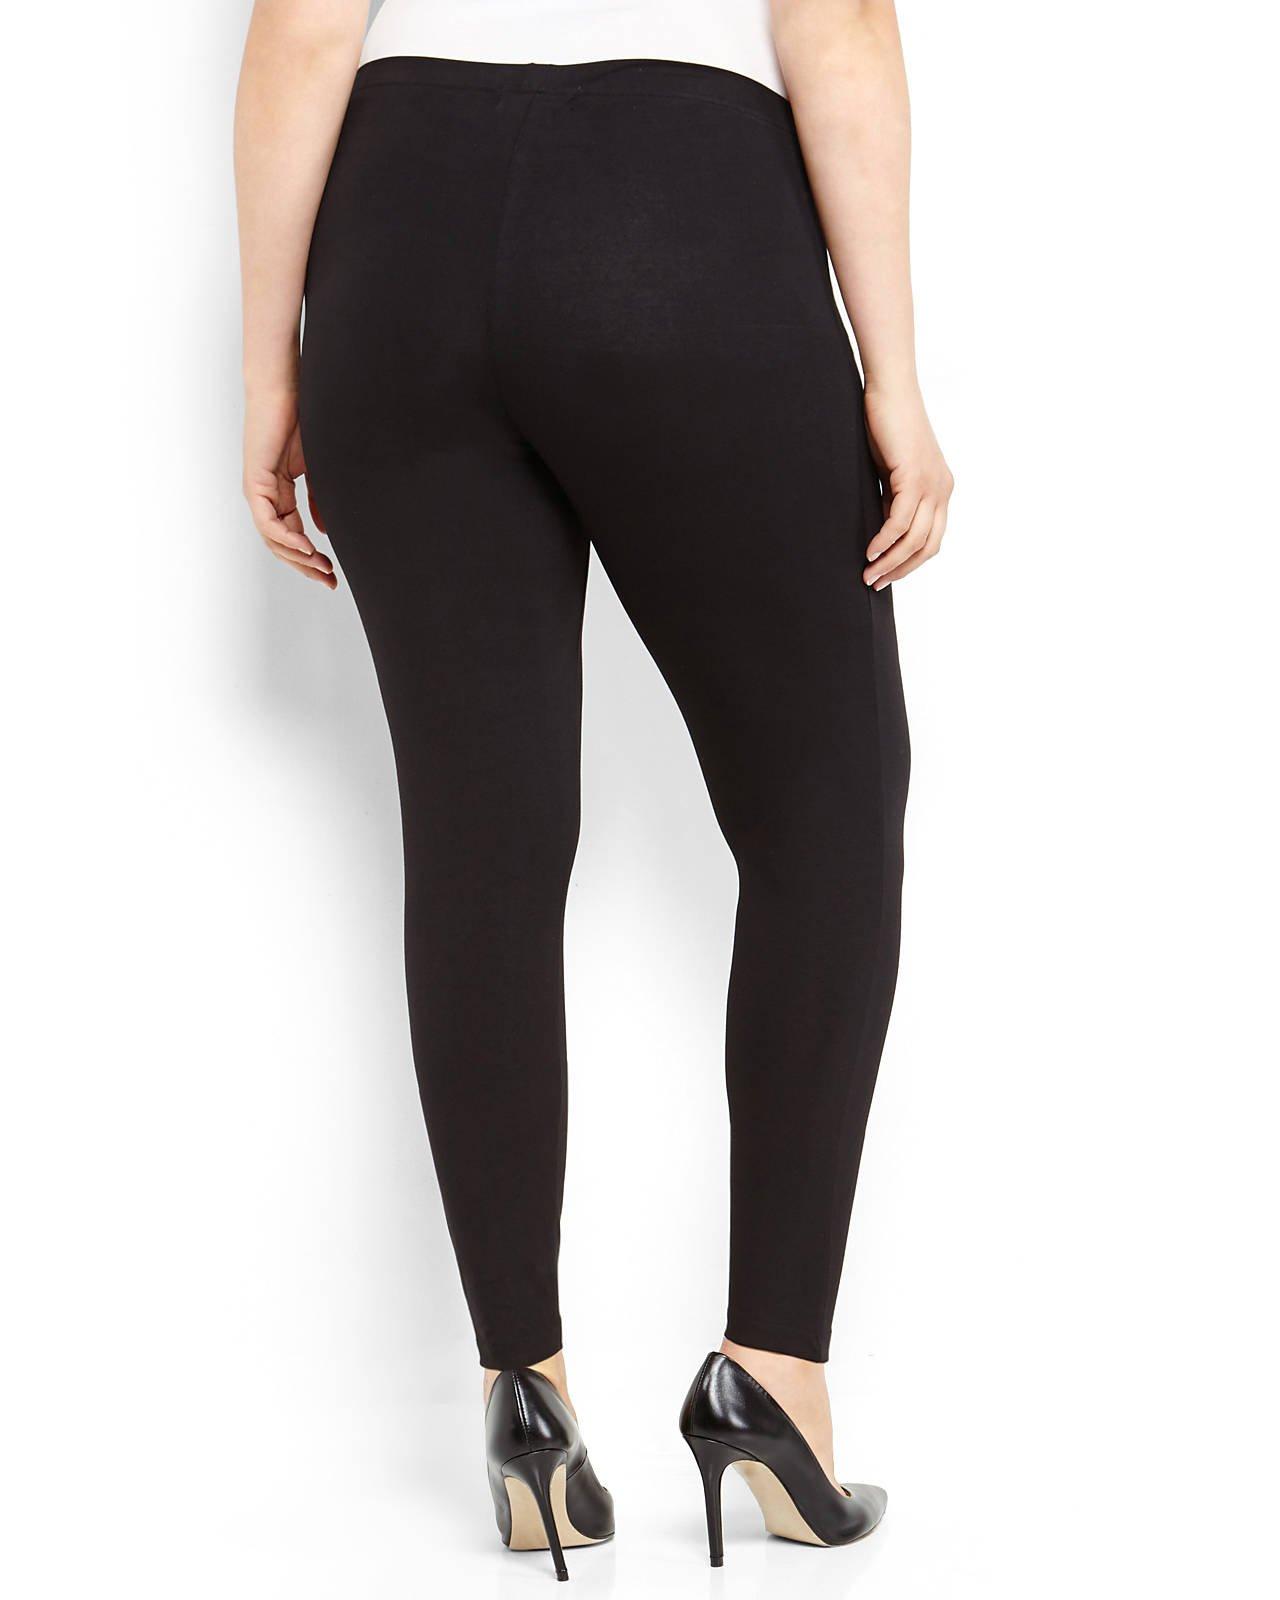 Plus Size Black Leggings - Trendy Clothes